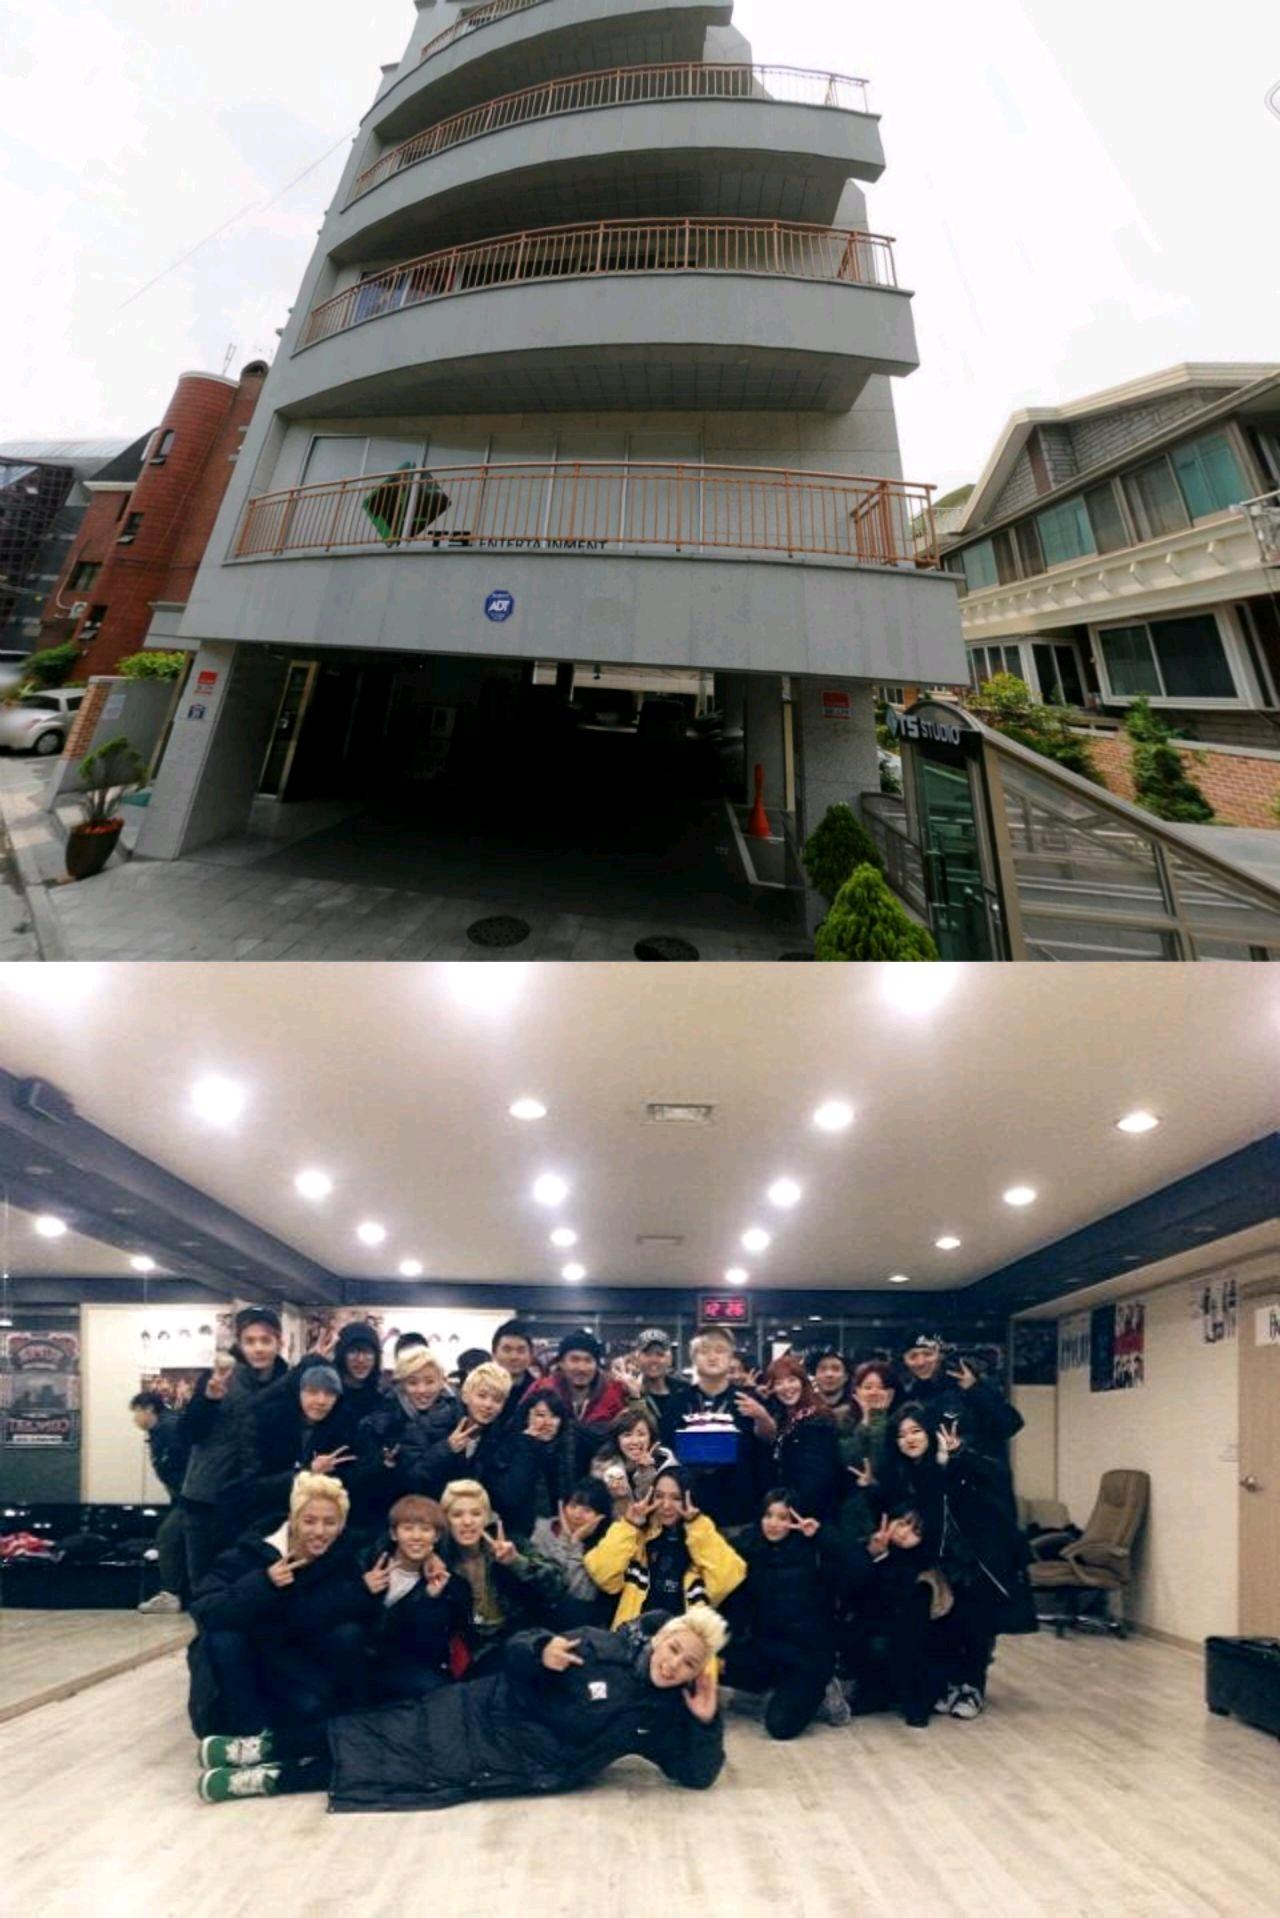 南韓吸血鬼倒閉,唯一被旗下所有愛豆告的公司居然惡行滿滿